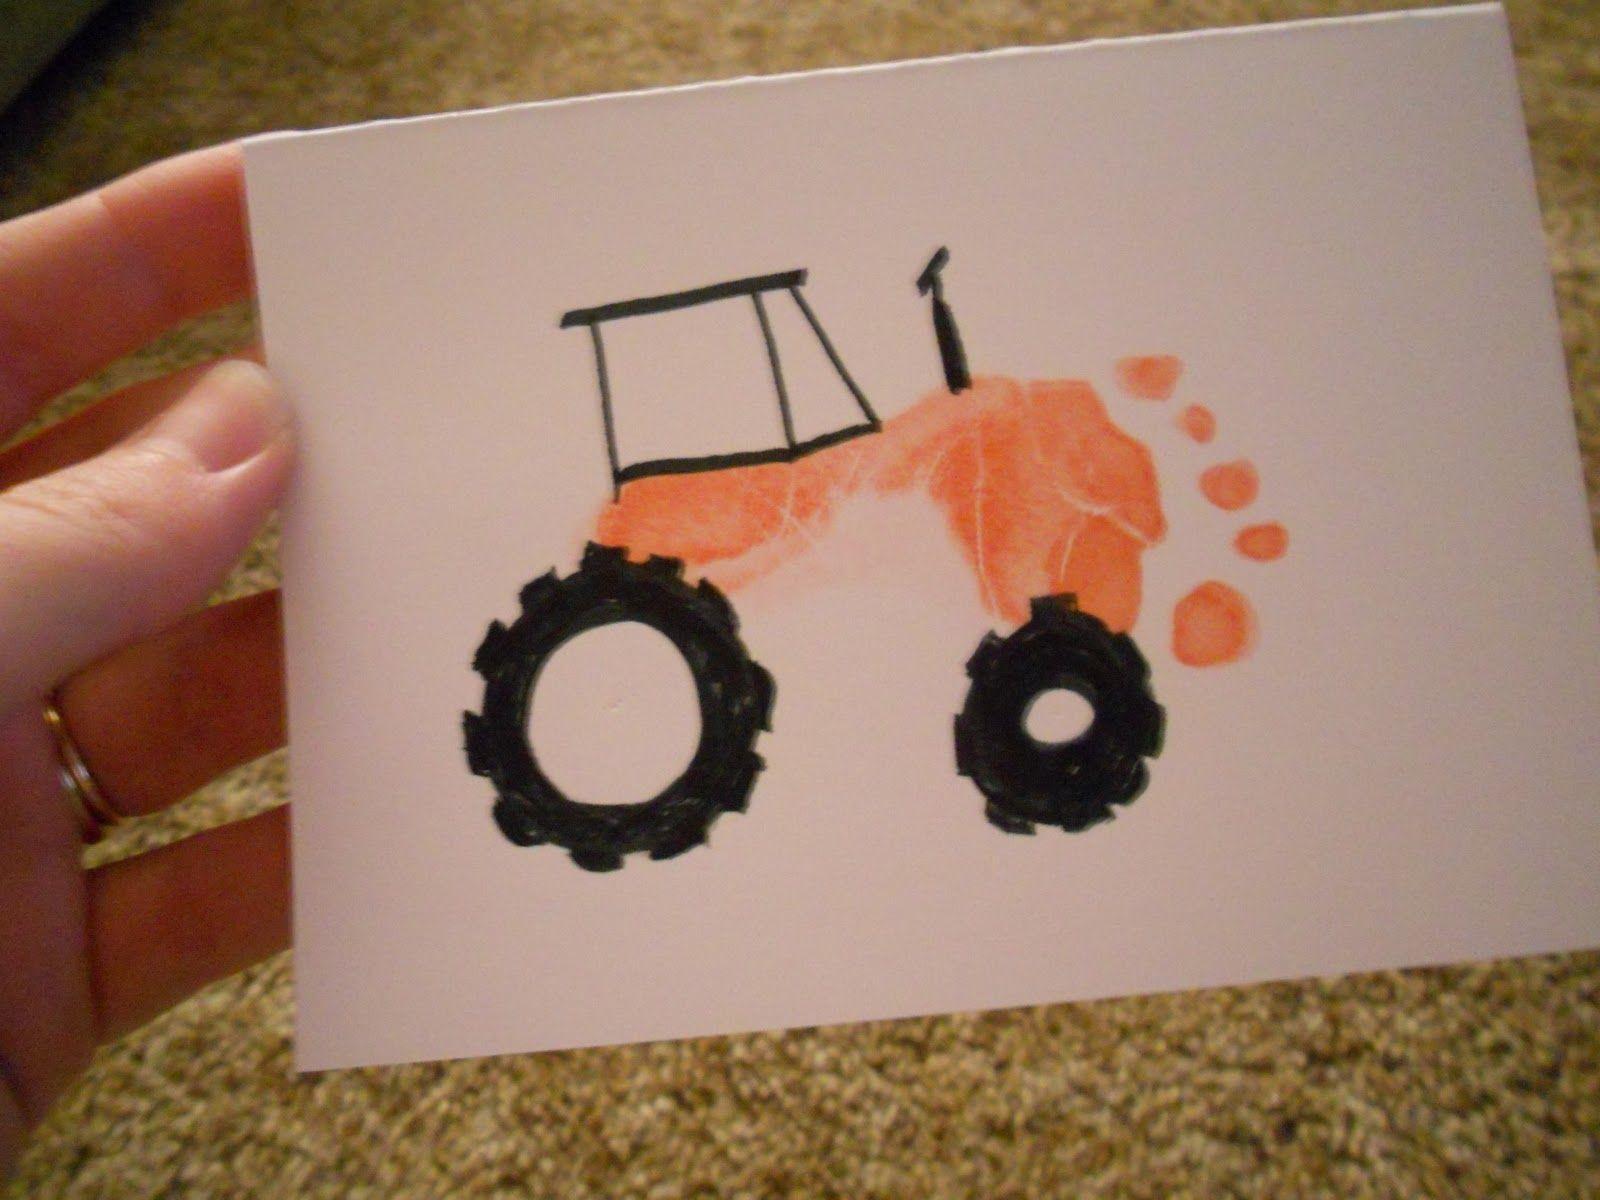 Открытка для папы на день рождения от сына 4 года, открытка машенька картинка